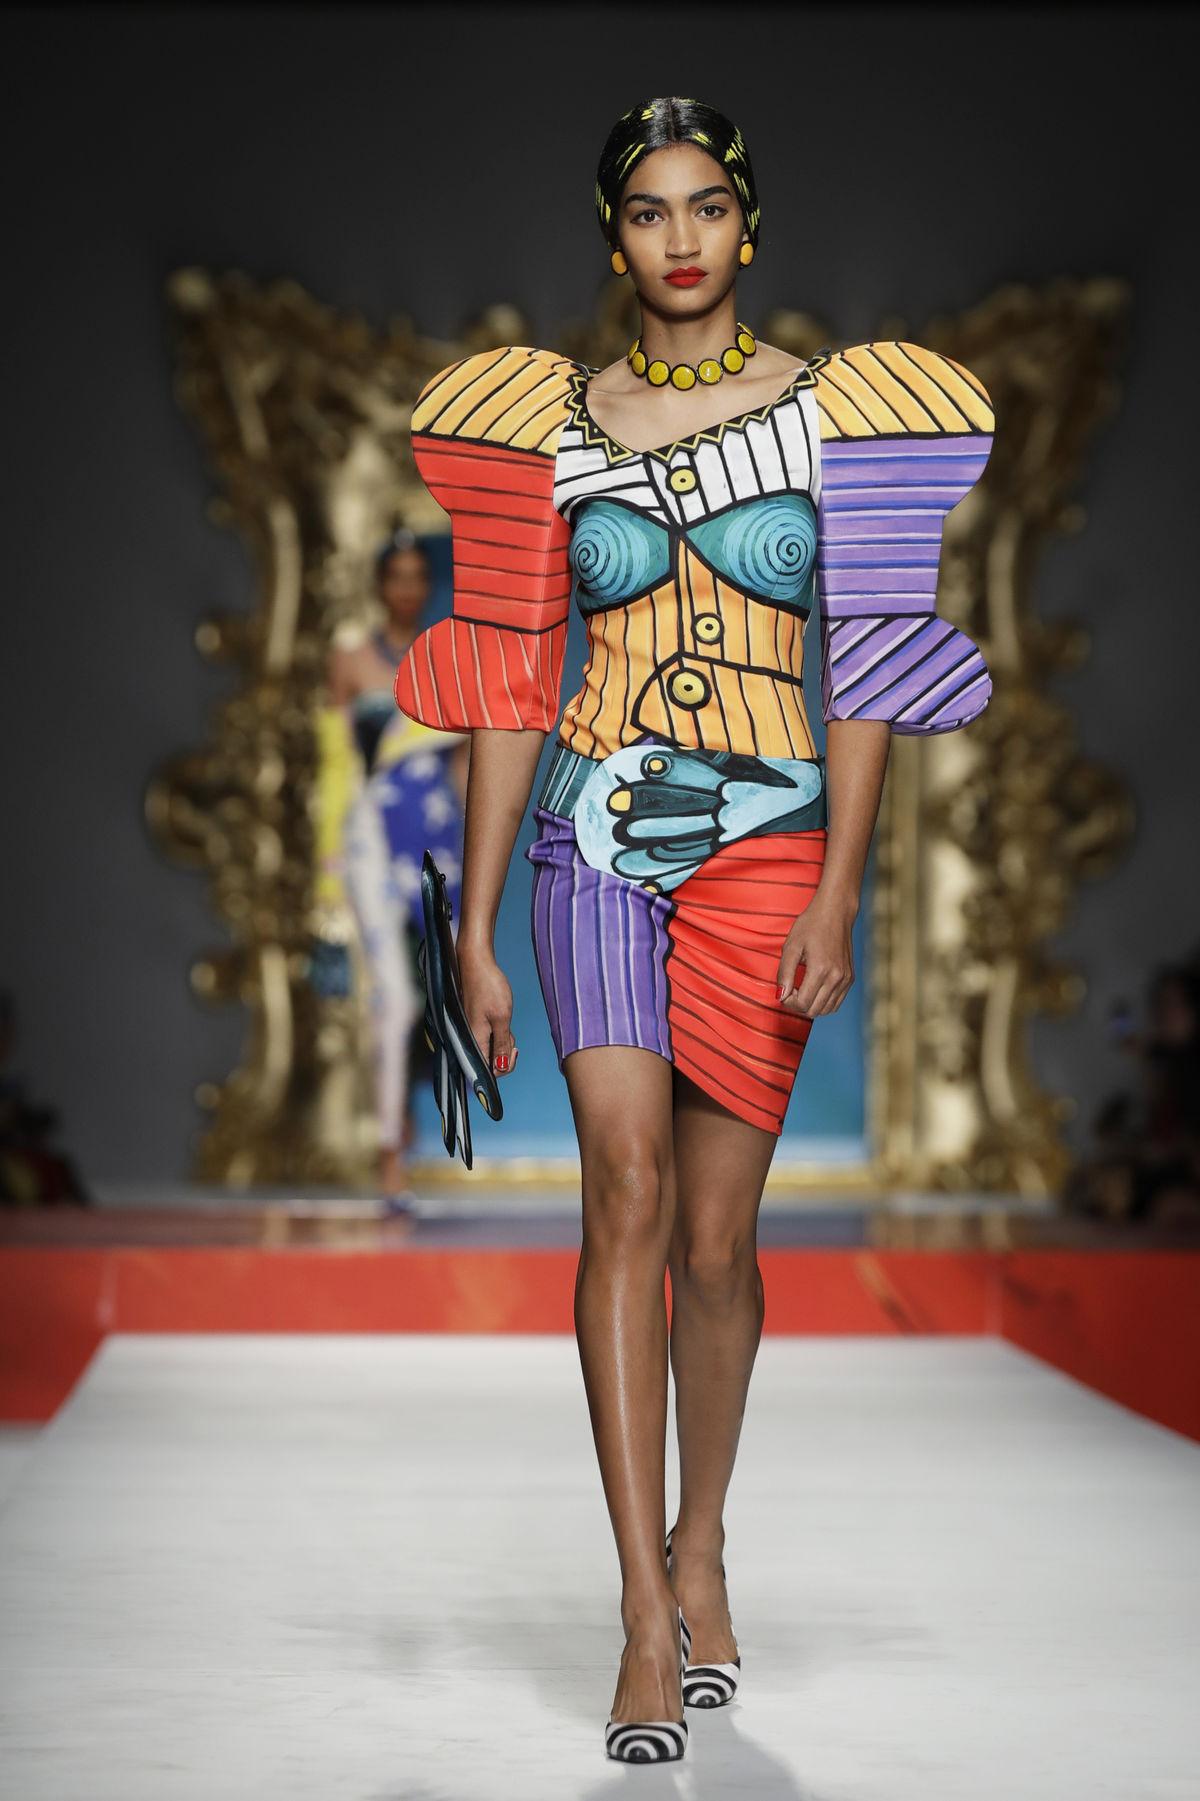 Modelka v kreácii z kolekcie Moschino Jar/Leto 2020.